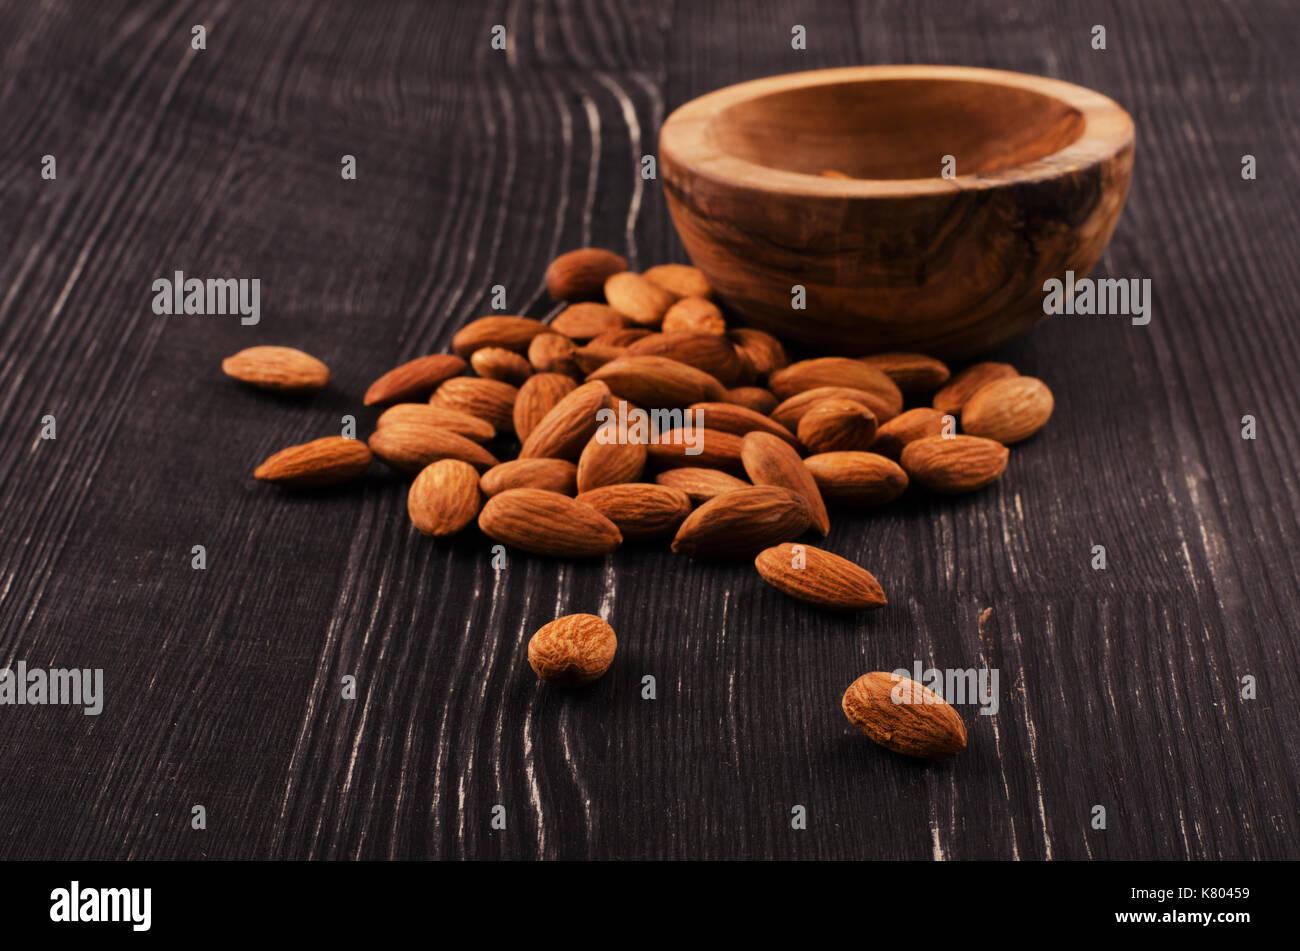 Les amandes dans le bol brun sur fond de bois Photo Stock